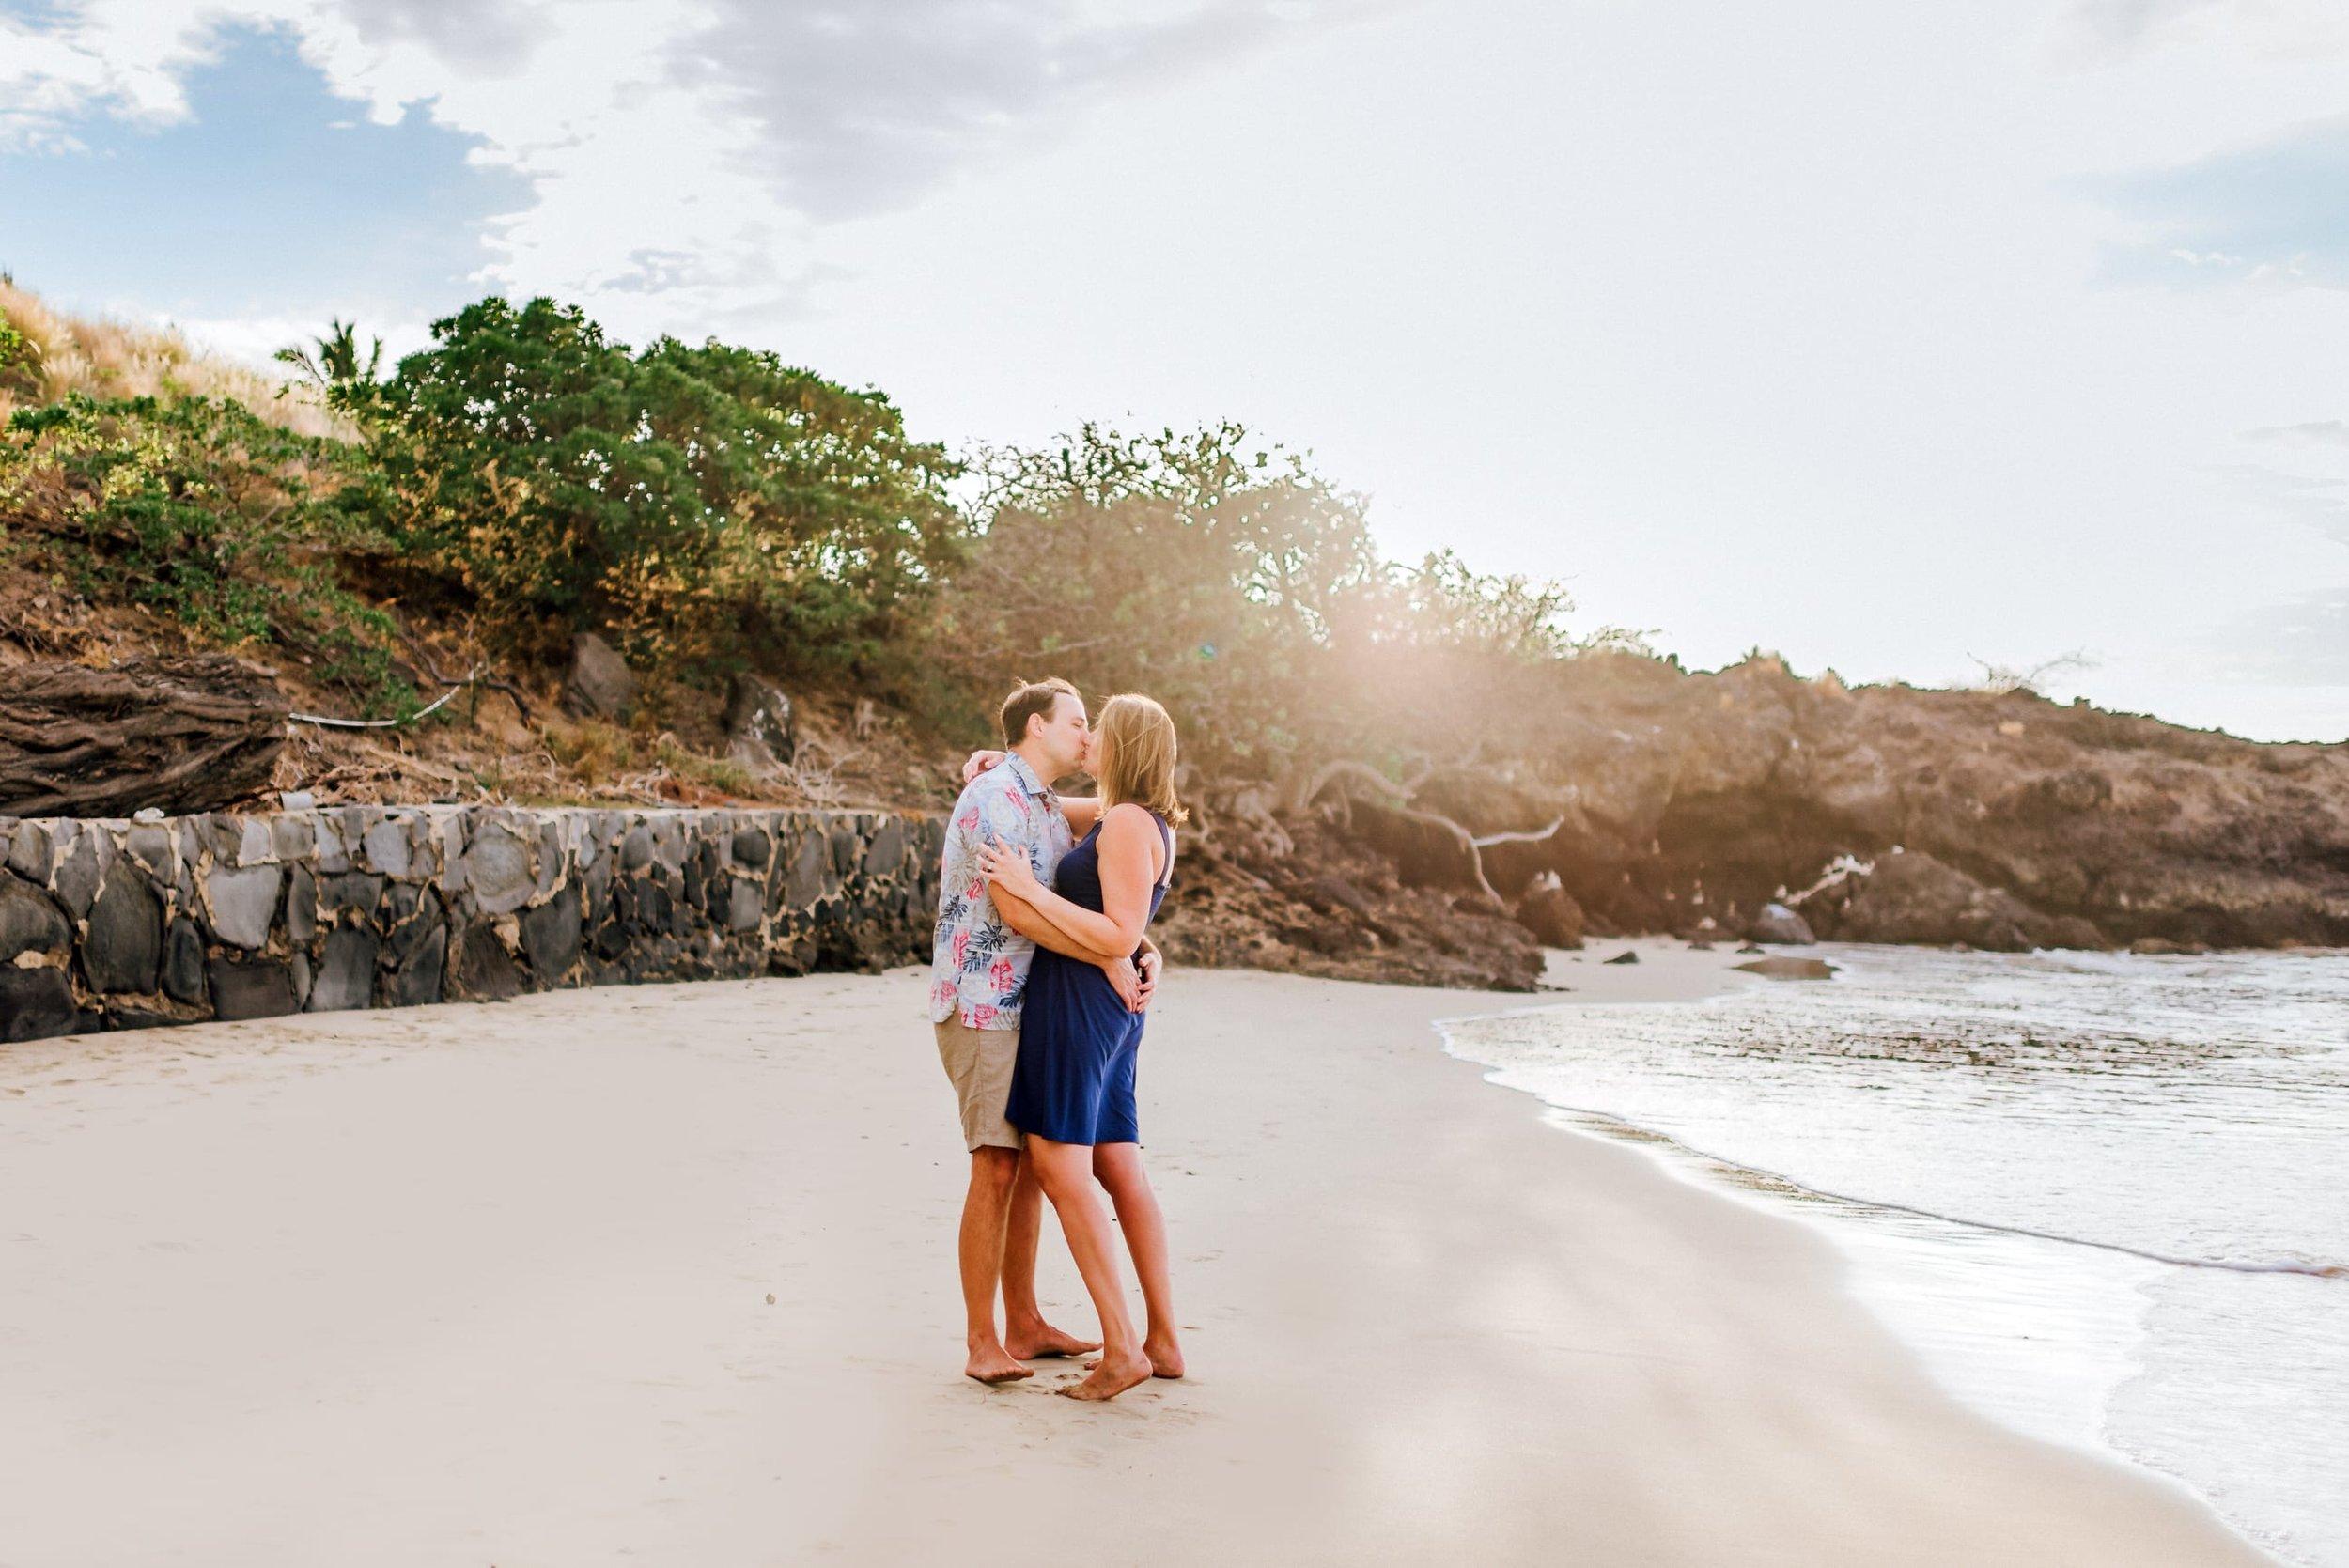 Mauna-Kea-Sunset-Honeymoon-Photographer-Hawaii-Big-Island-4.jpg